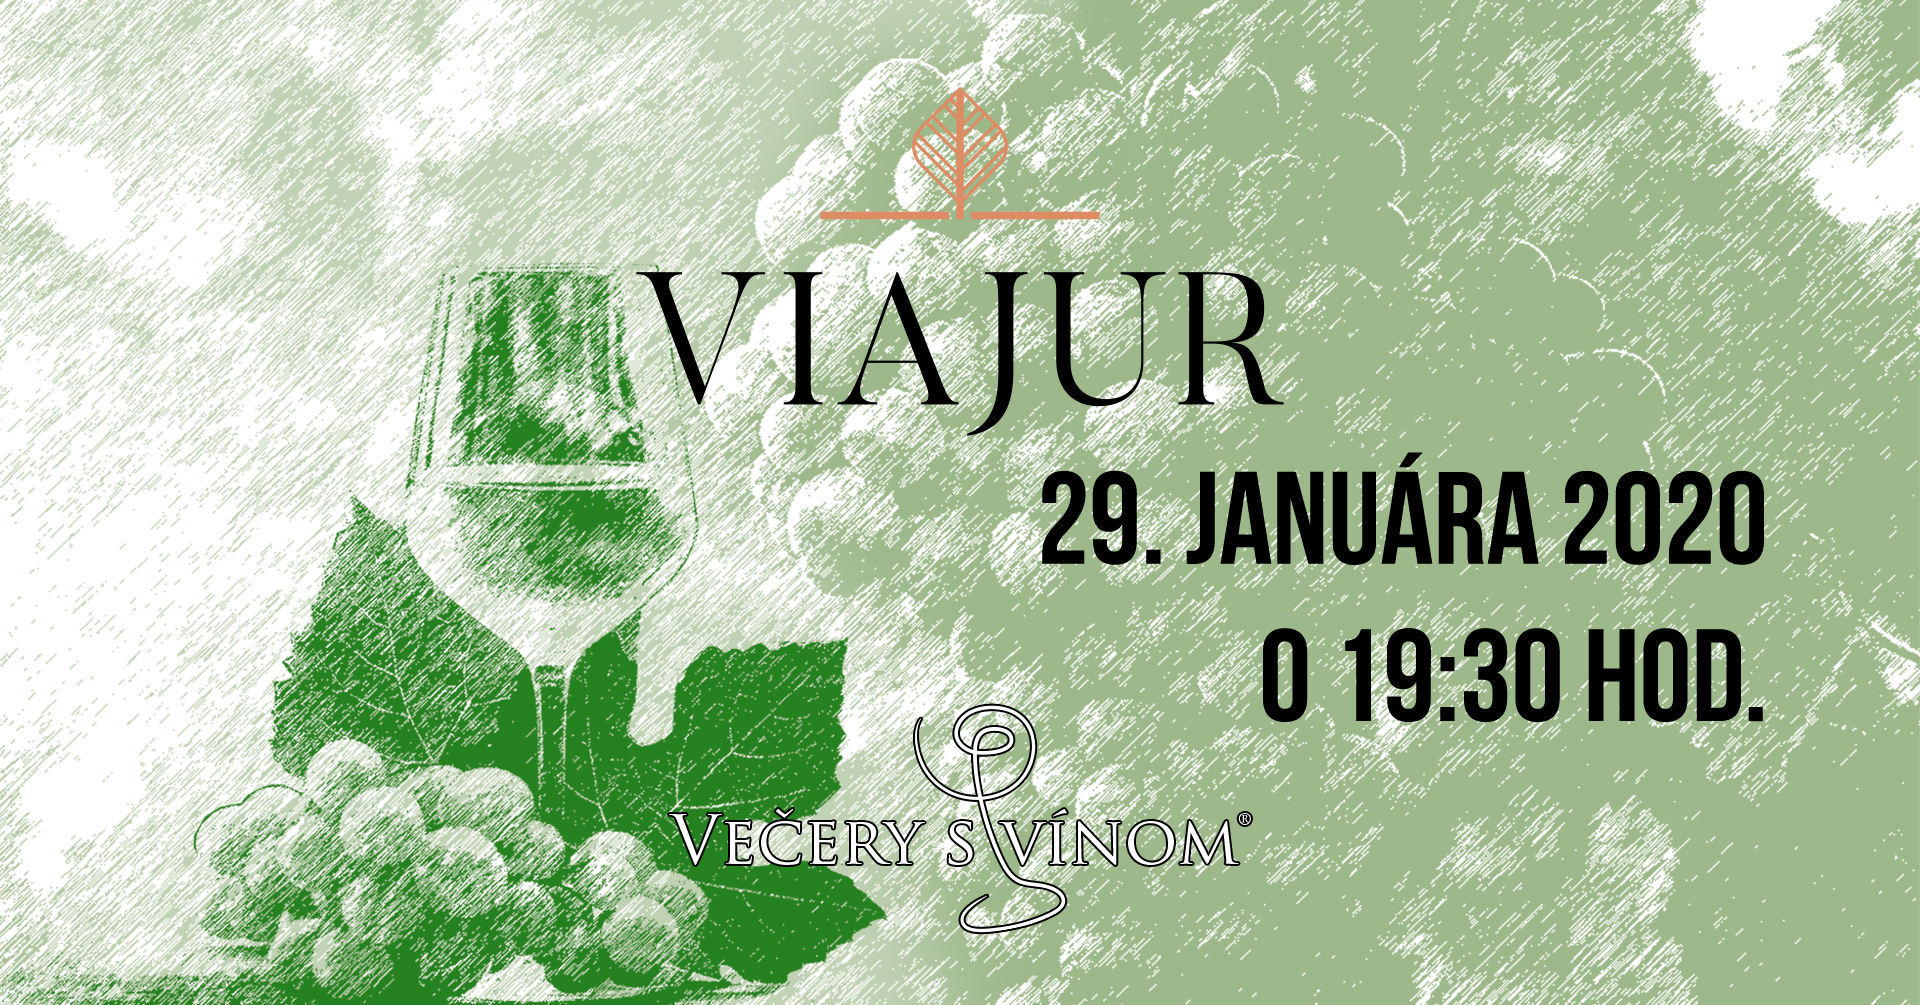 VsvXX-20200129-ViaJurFB